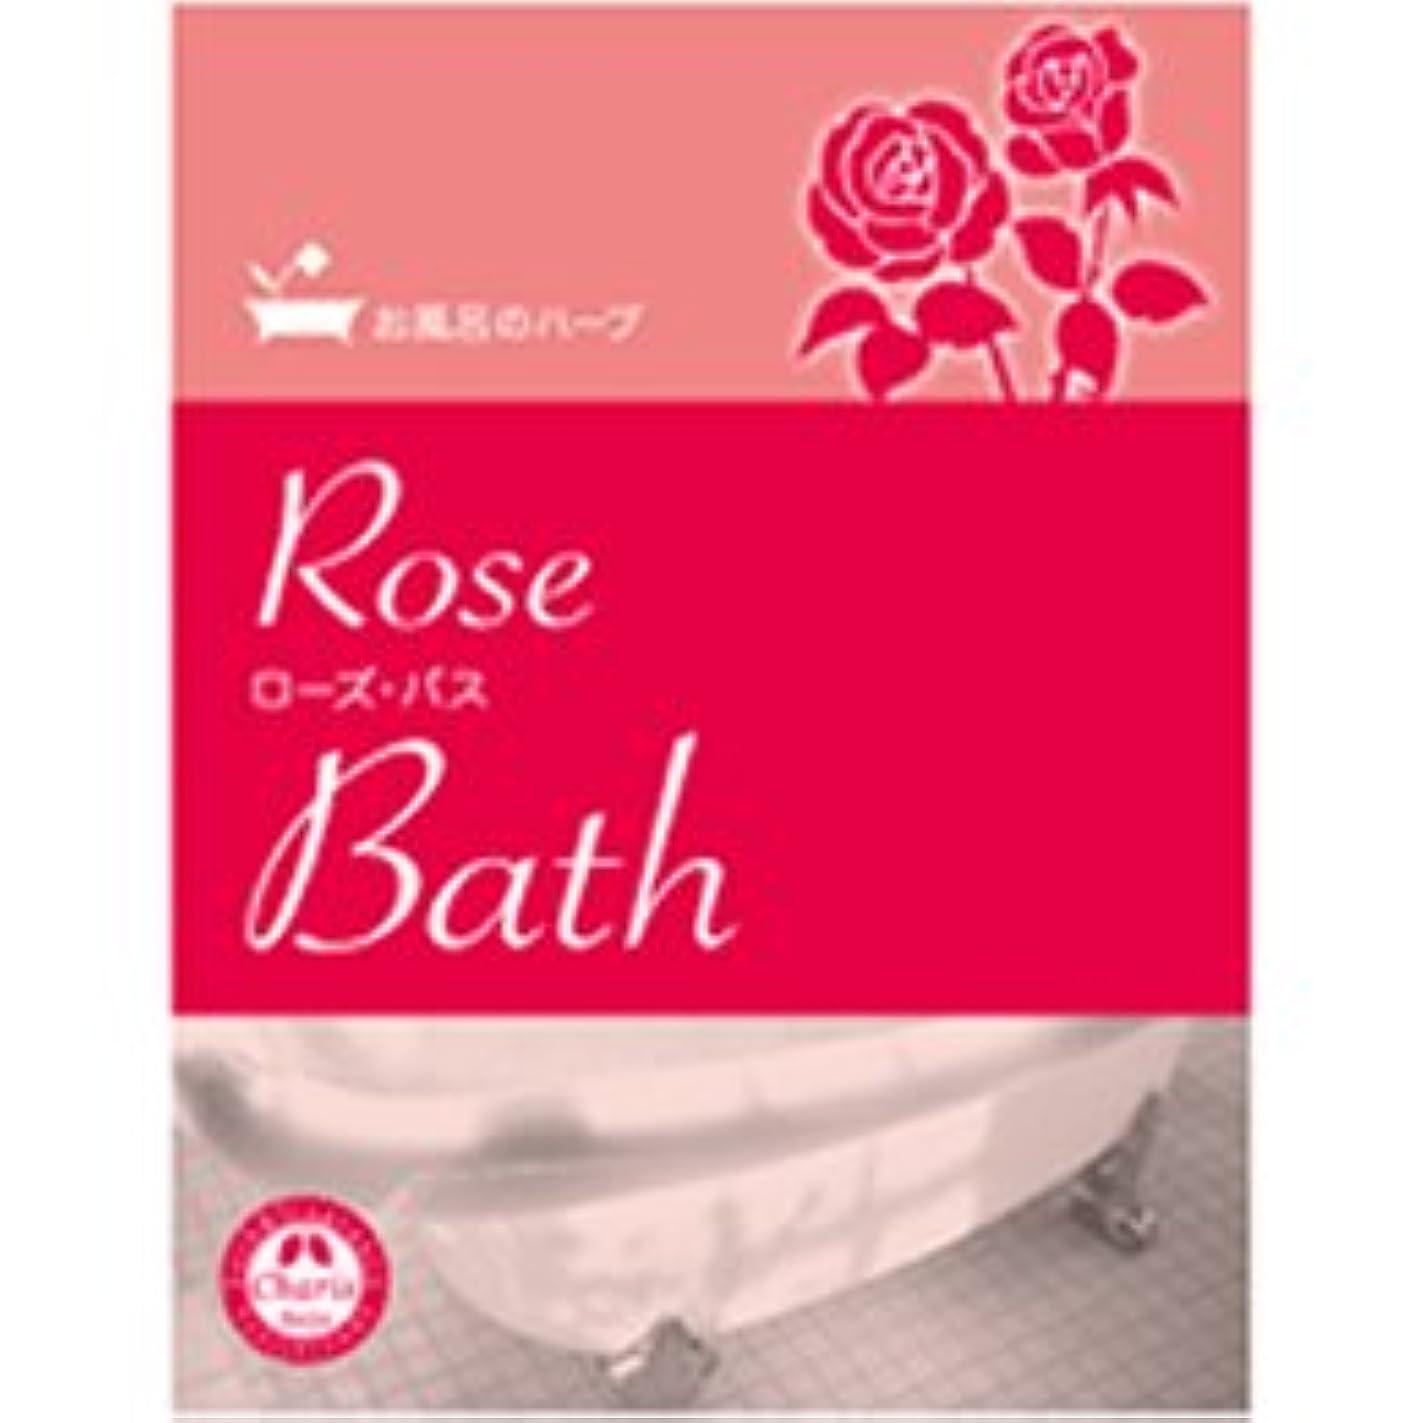 魅惑的な側面着服カリス成城 お風呂のハーブ ローズ